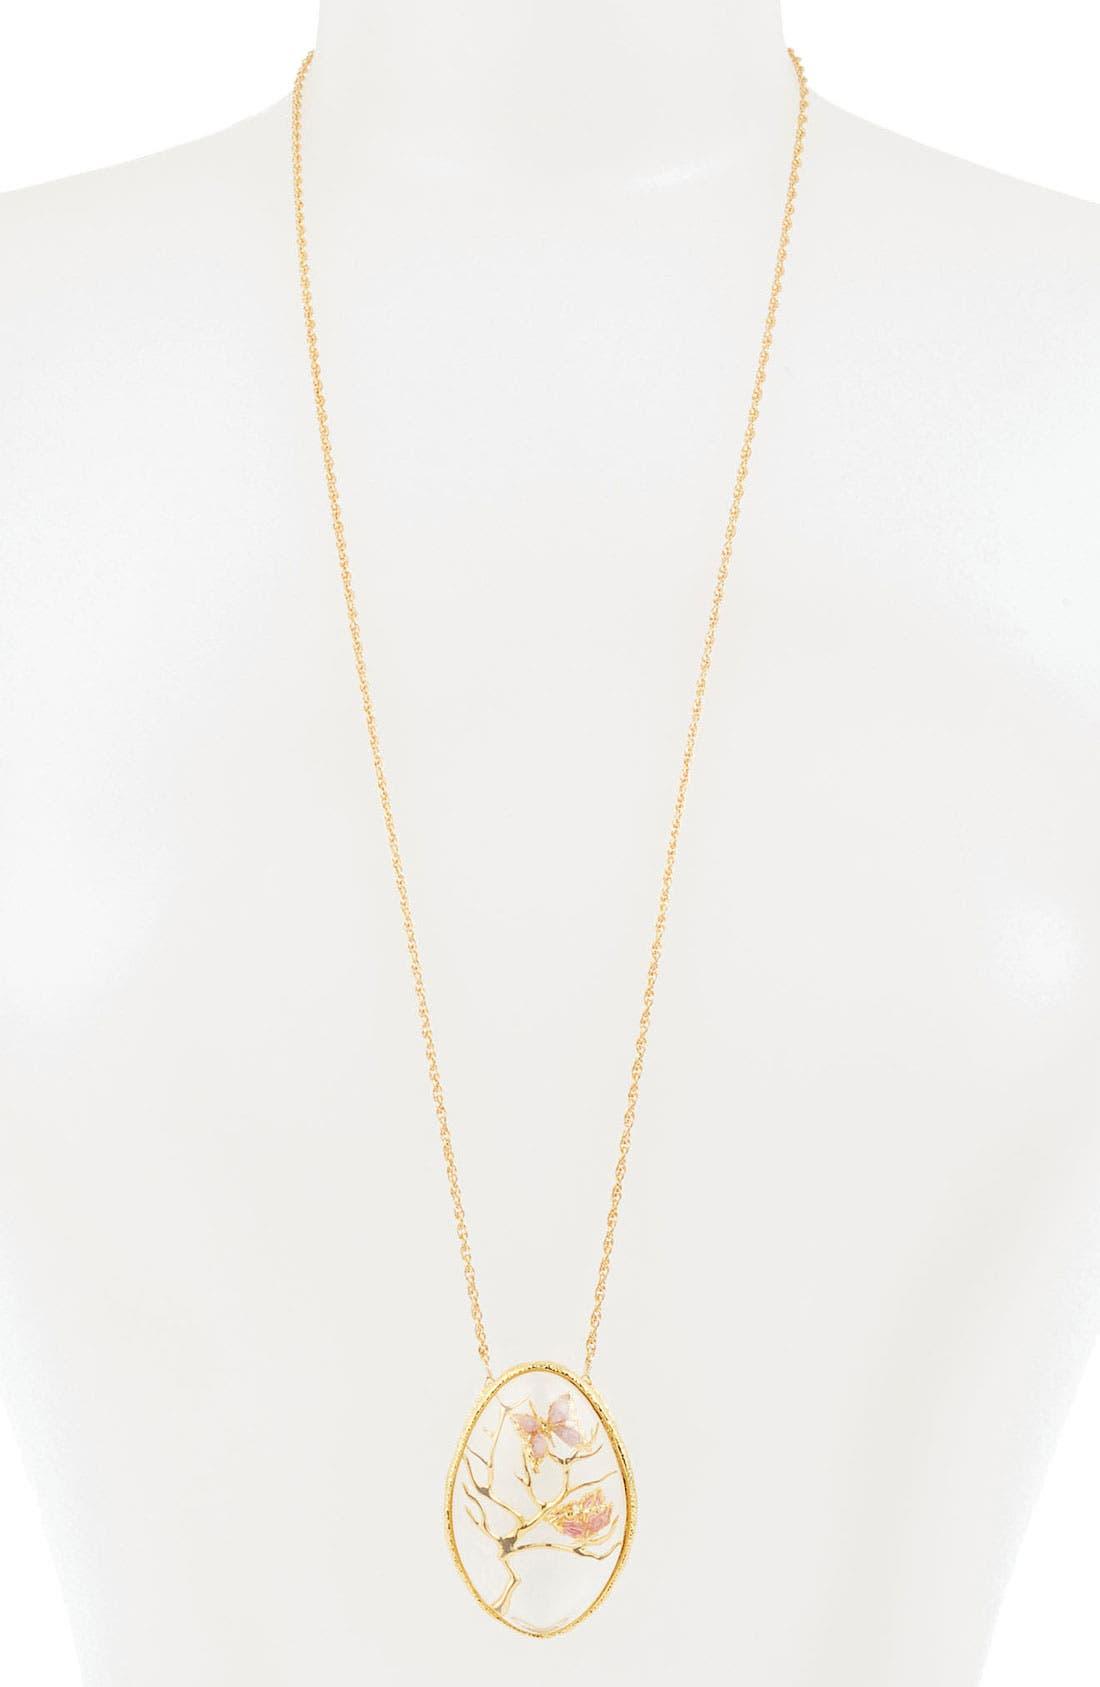 Main Image - Alexis Bittar 'Elements - Floral' Long Pendant Necklace